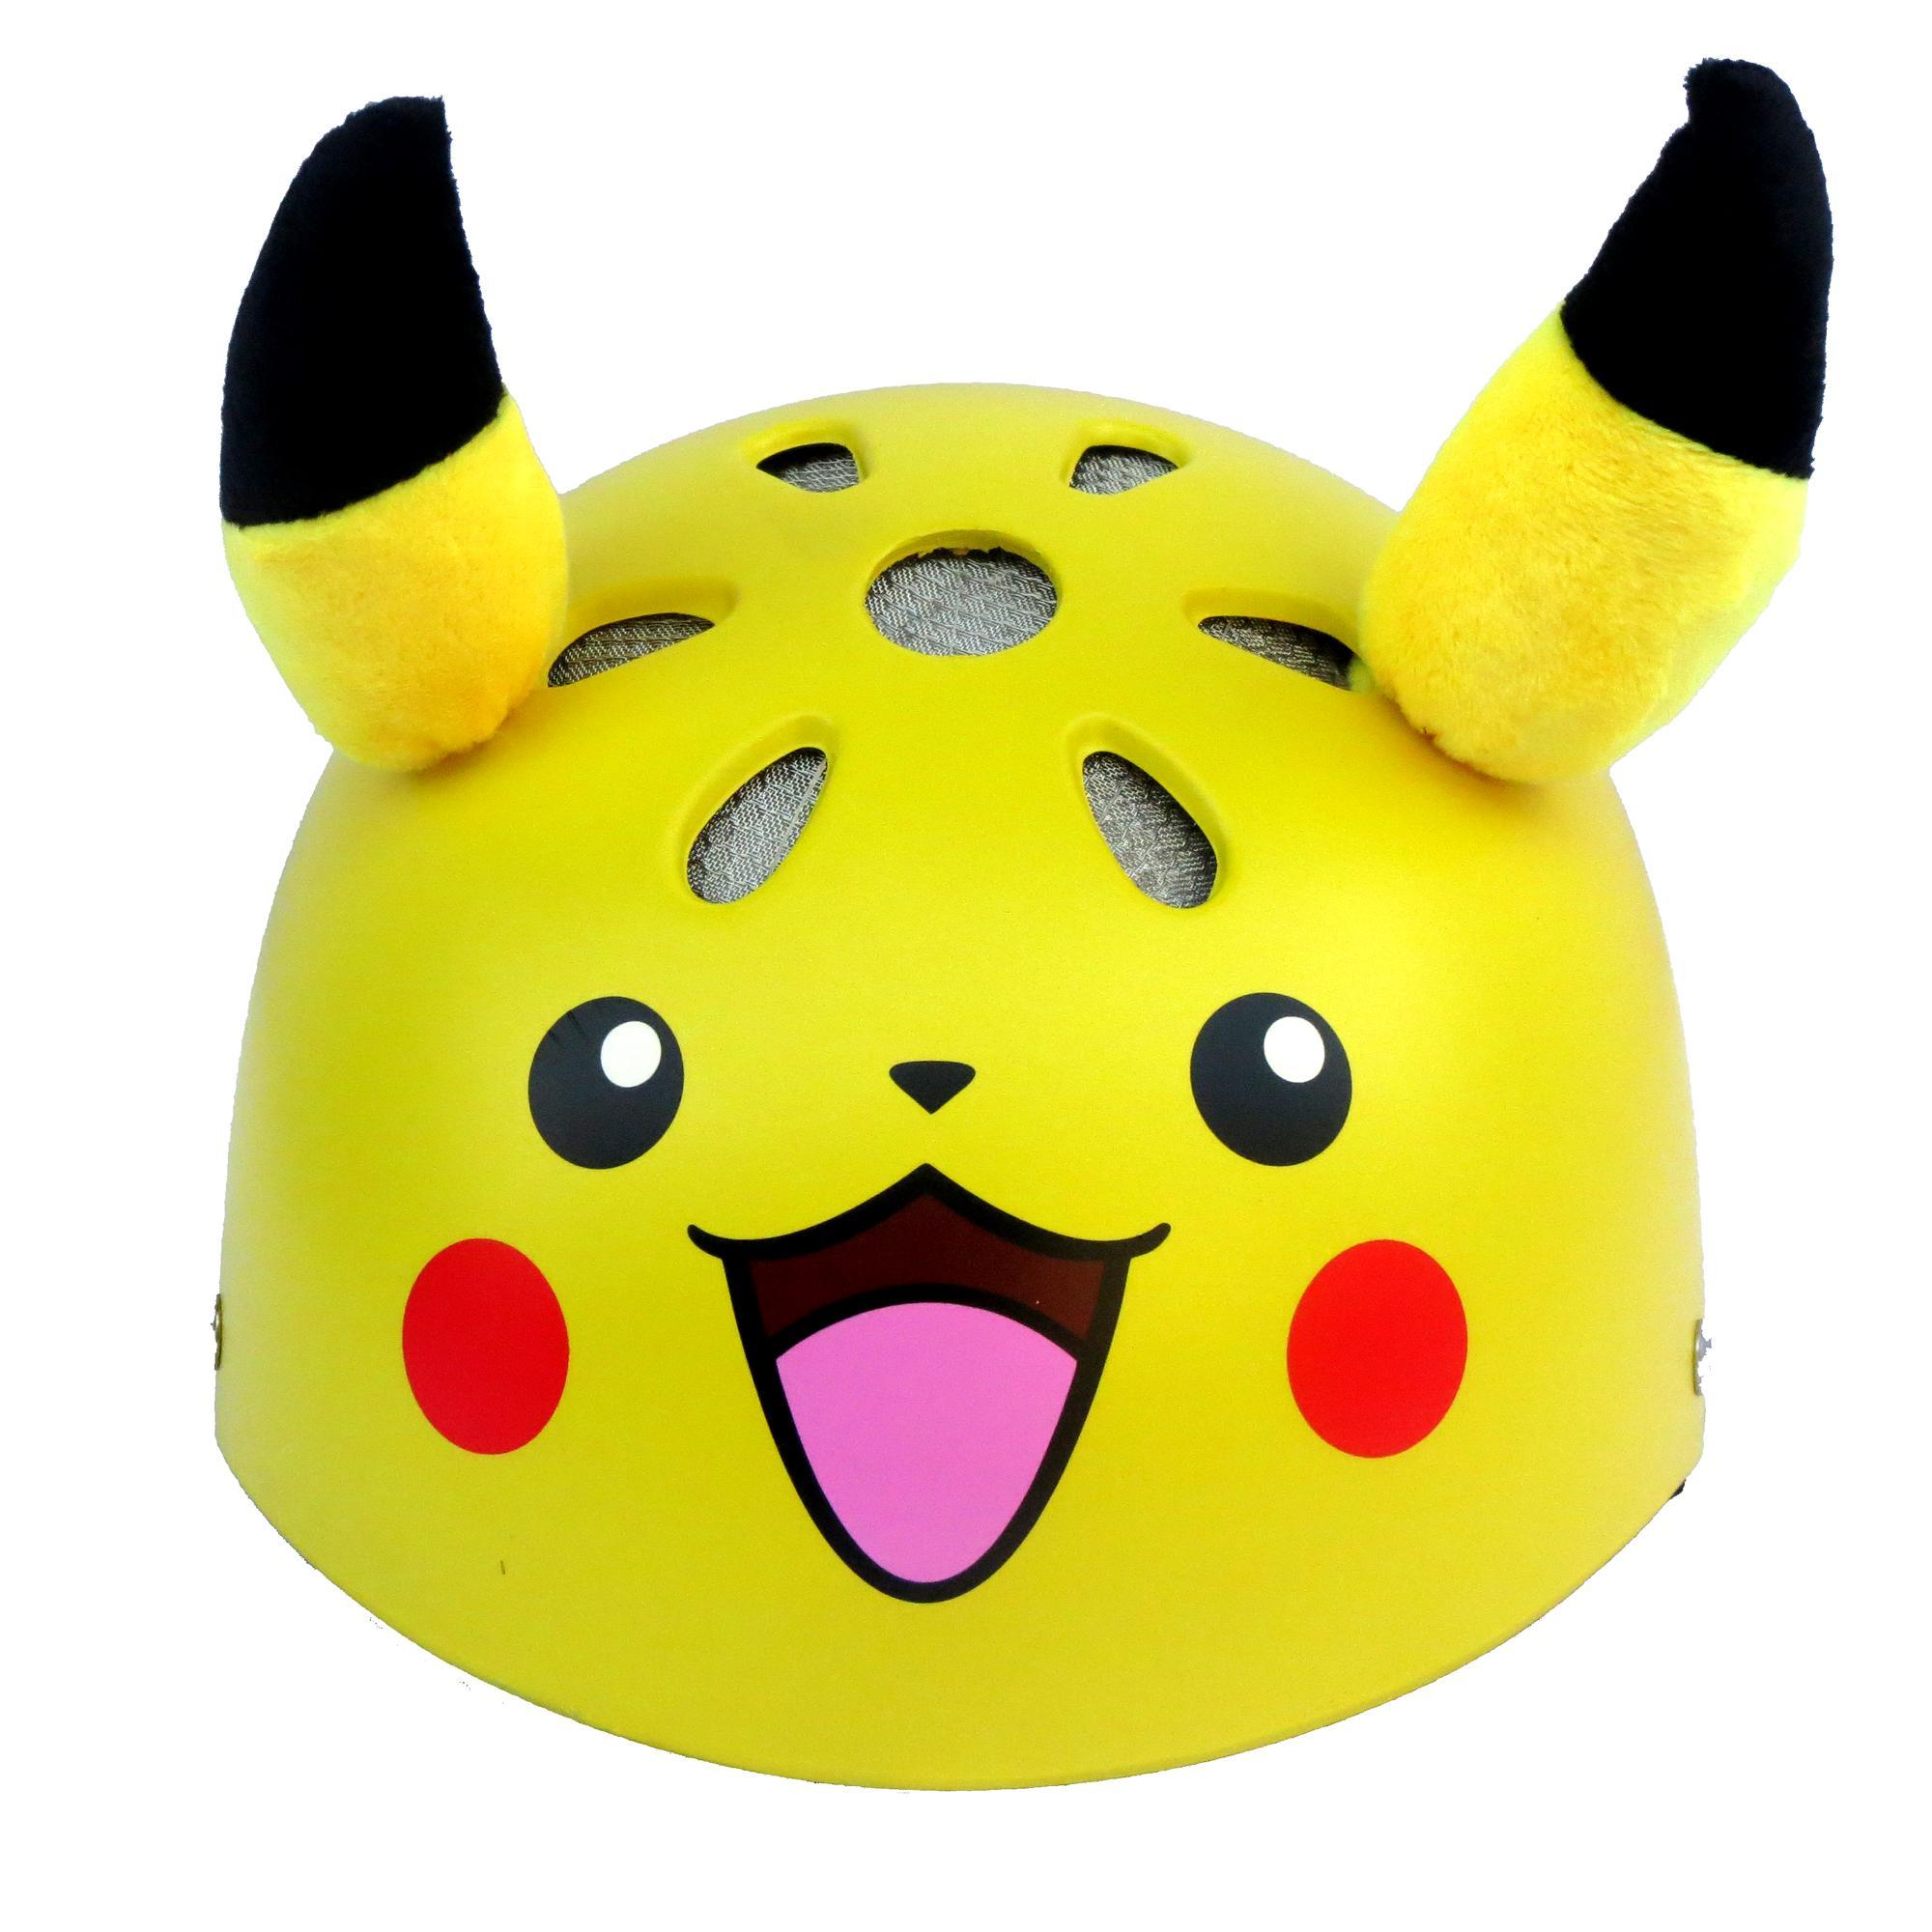 Giá bán Mũ bảo hiểm NTMAX 1/2 trẻ em (4-10 tuổi) Pikachu siêu cute